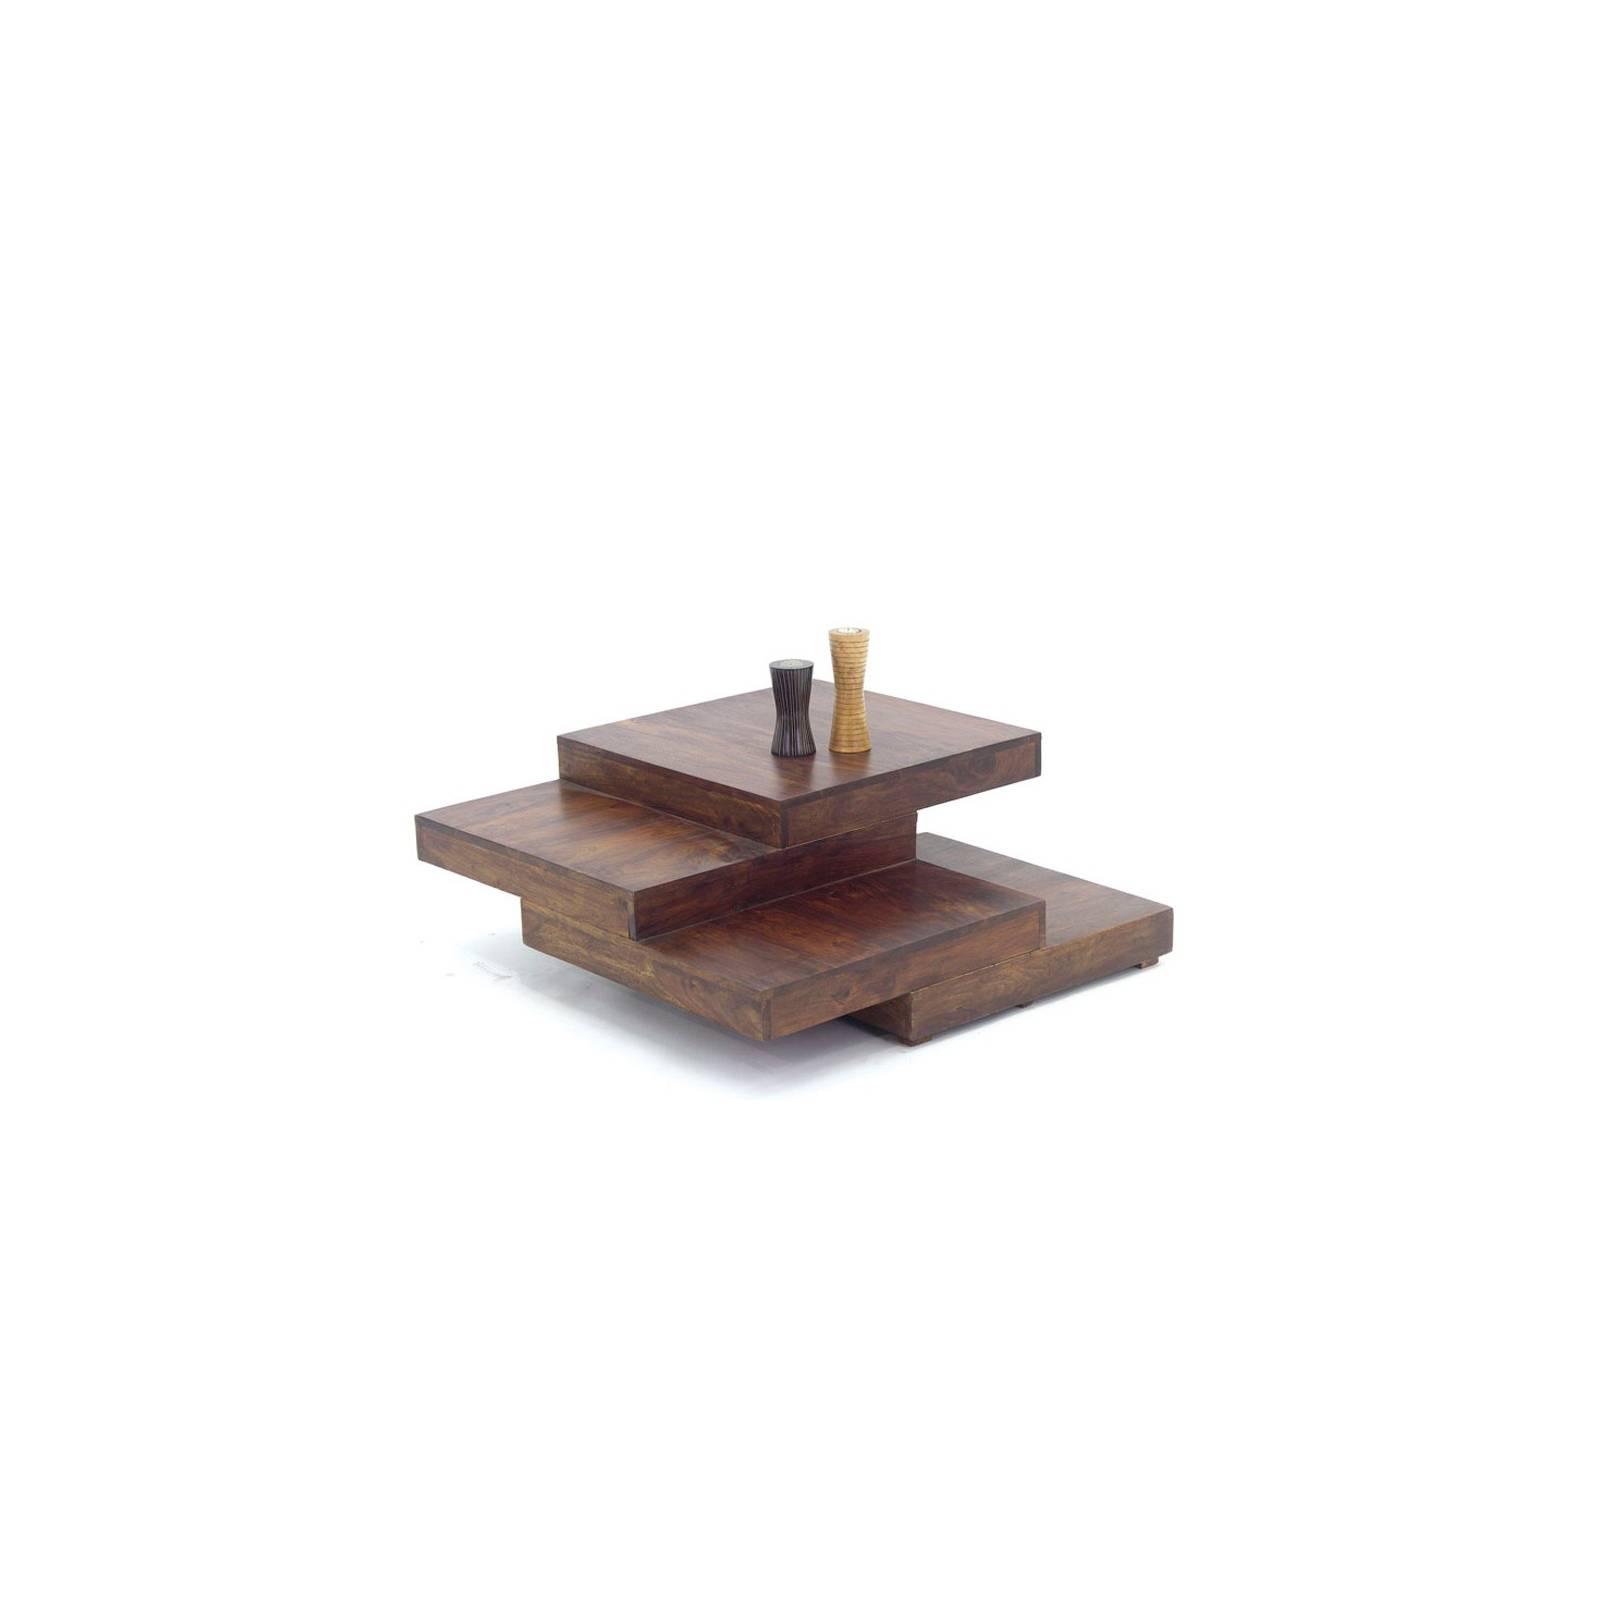 Table Basse Escalier Palissandre Zen